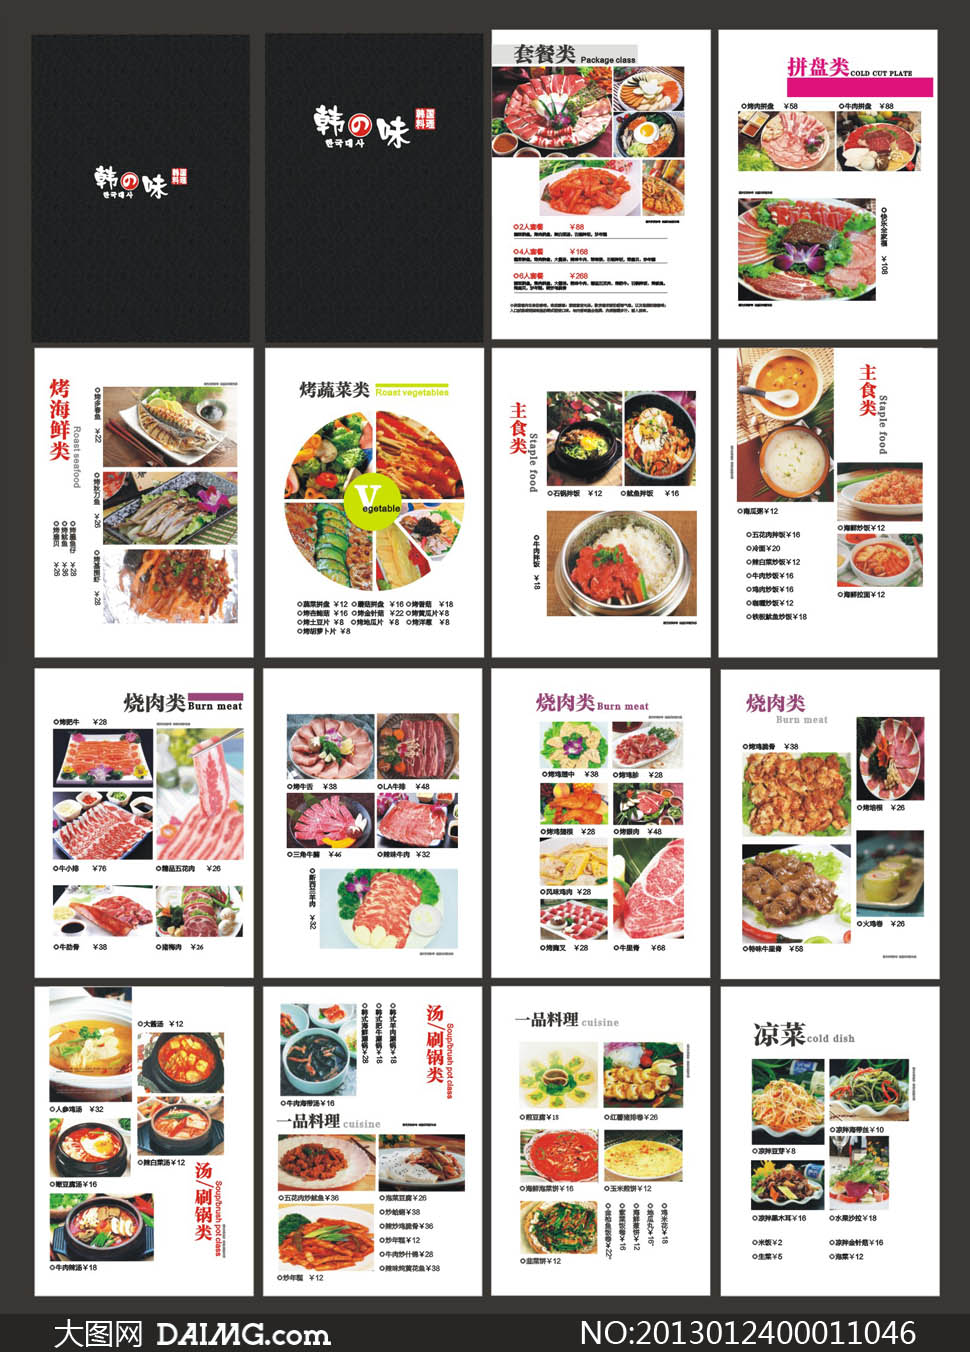 韩味菜谱菜单菜谱菜谱菜单韩国料理